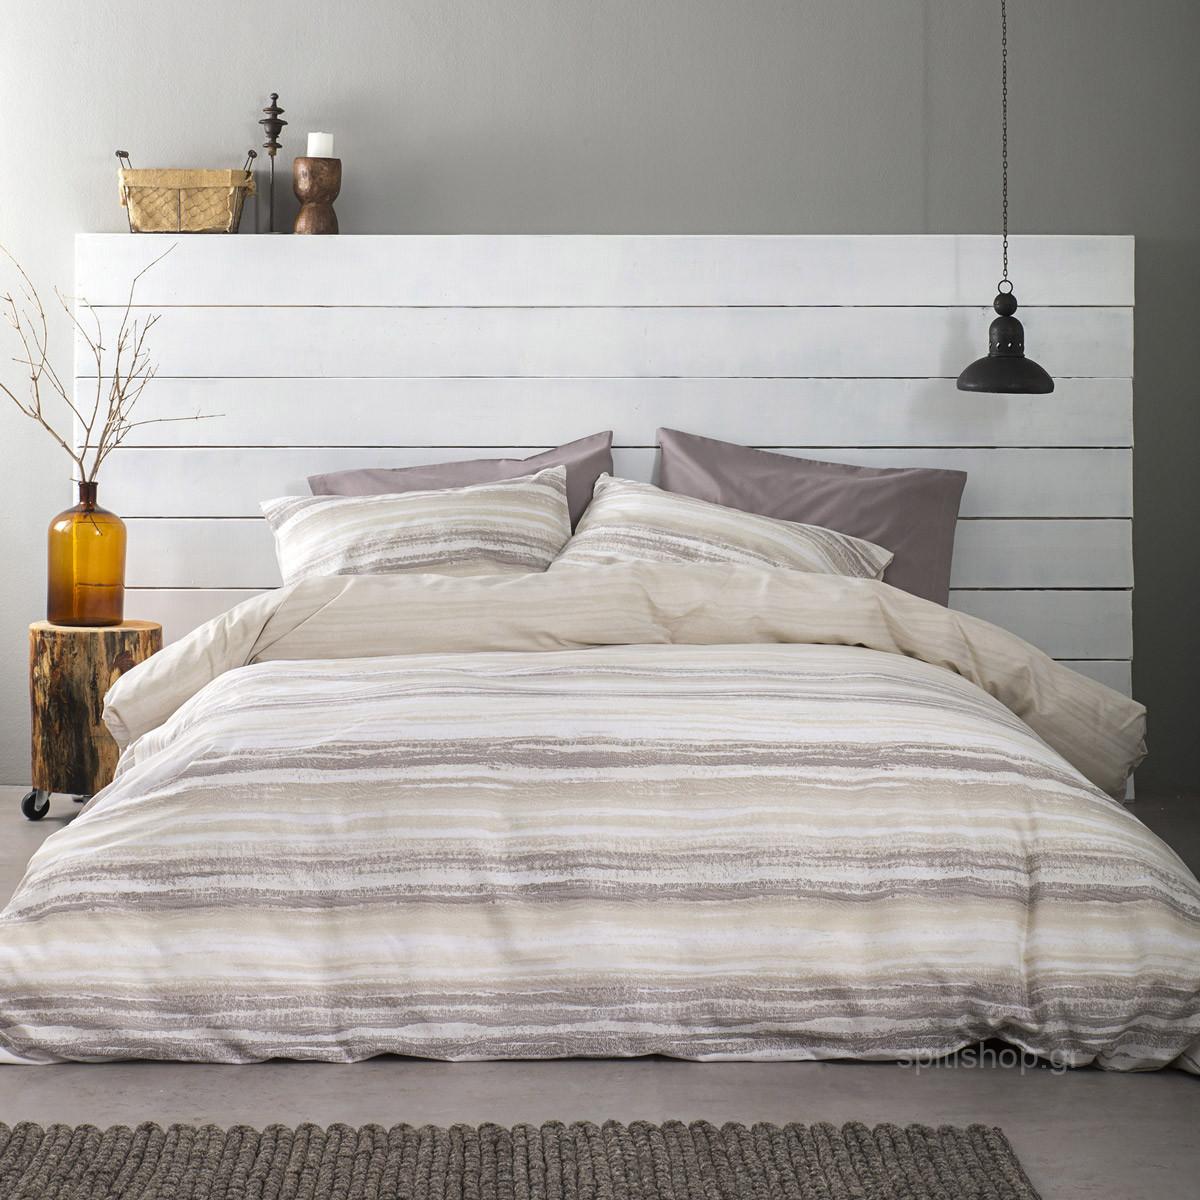 Ζεύγος Μαξιλαροθήκες Nima Bed Linen Softwood Earth